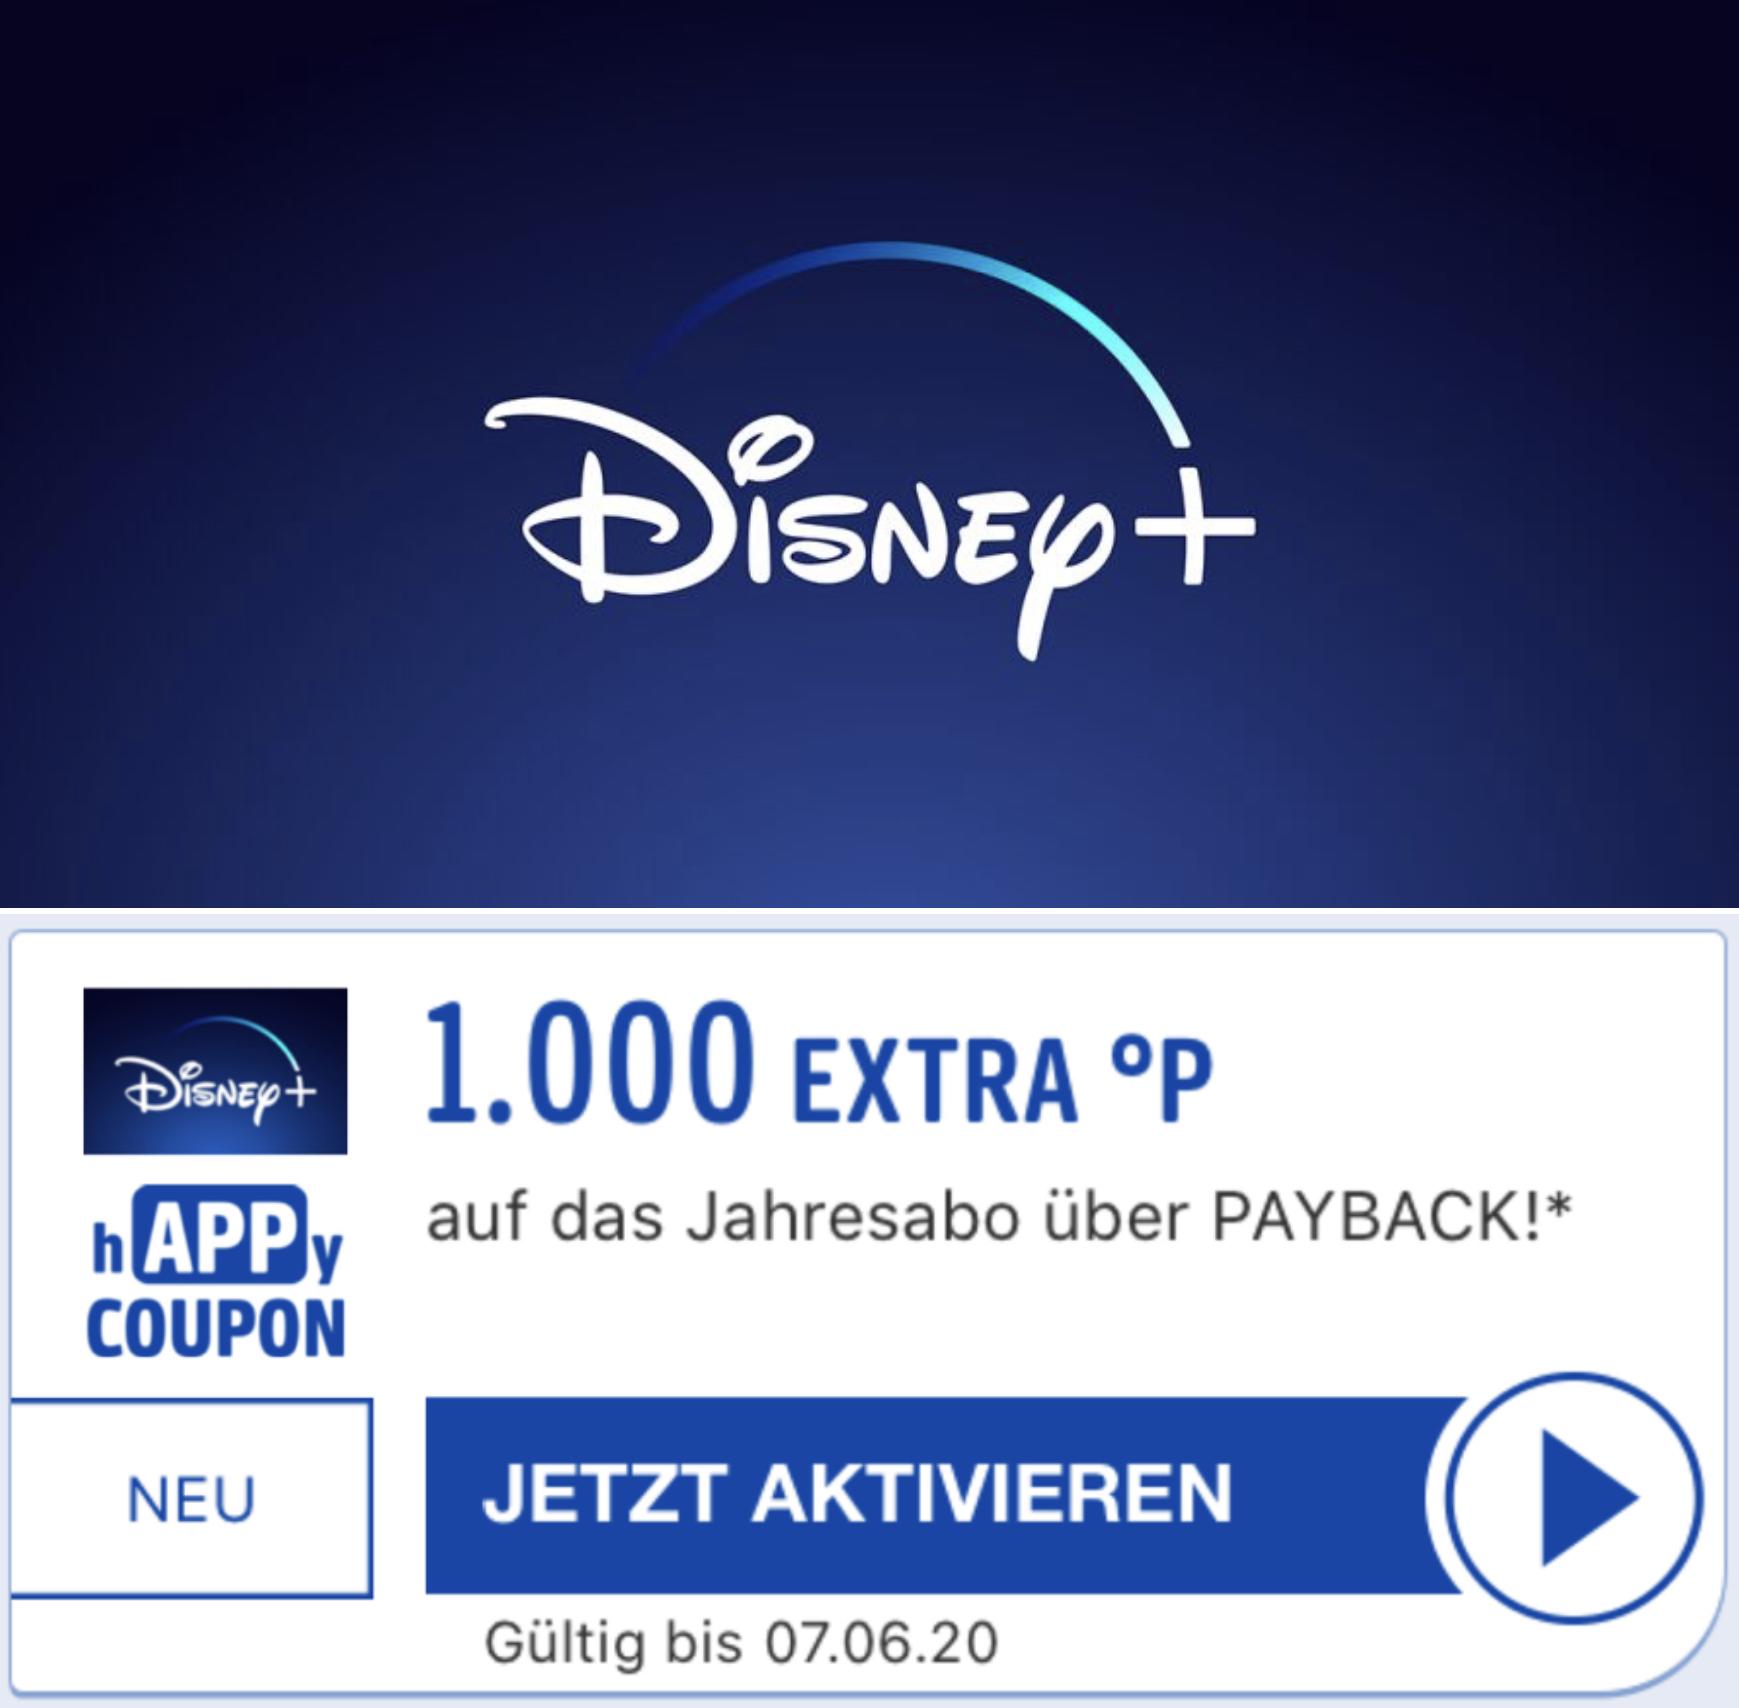 1000 Extra Punkte für das Disney+ Jahresabo - entspricht 10€ später auszahlbarem Cashback